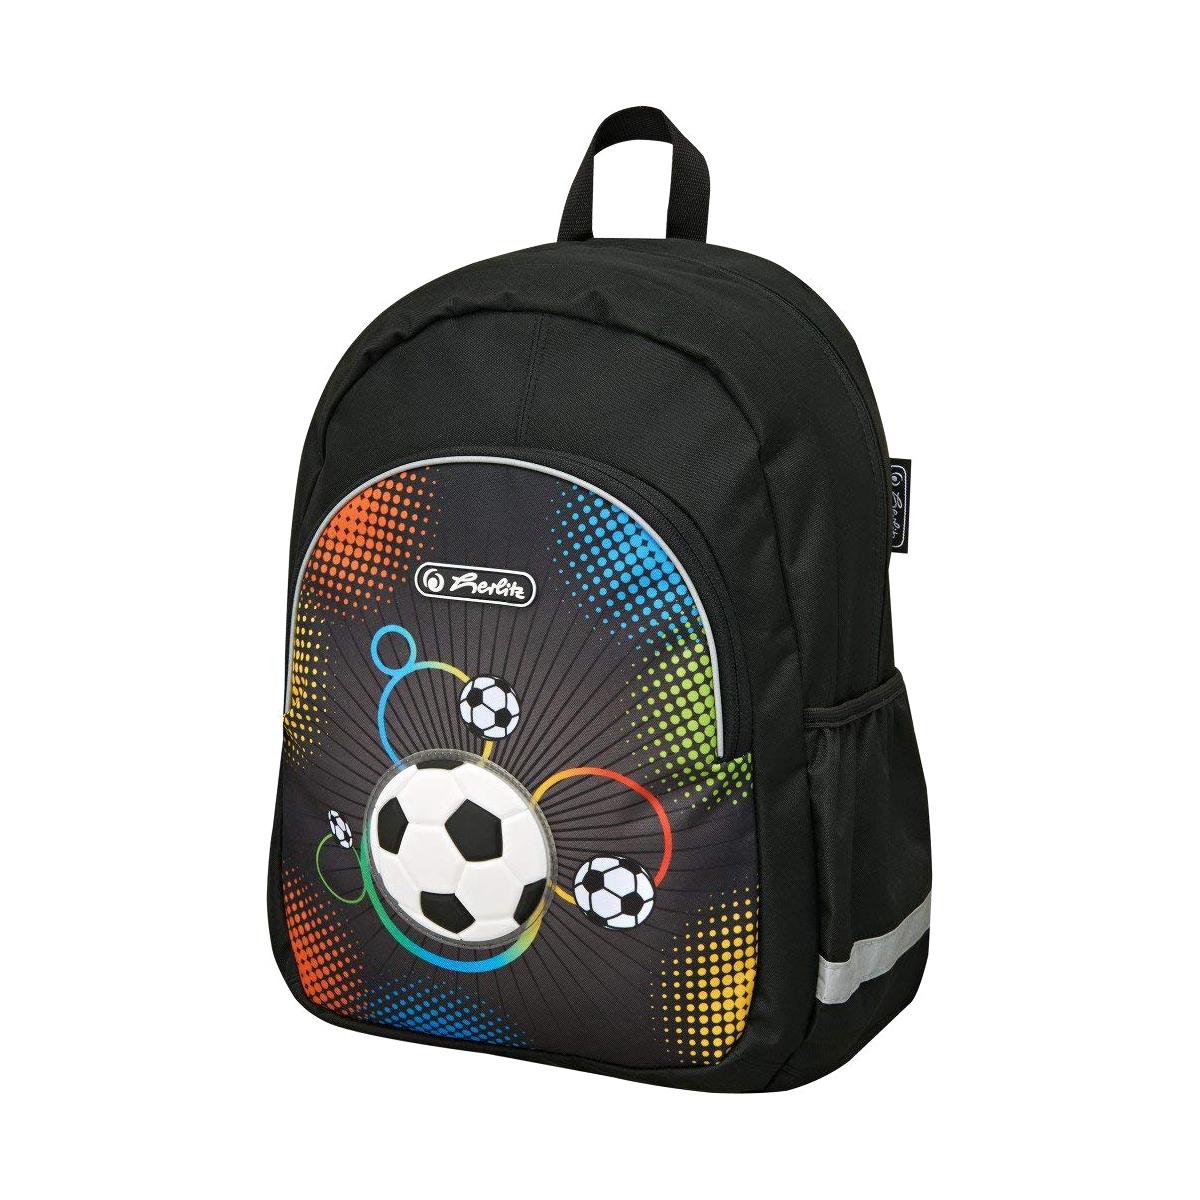 Rucsac Pentru Şcoala Primară, Soccer, Herlitz, 50007967